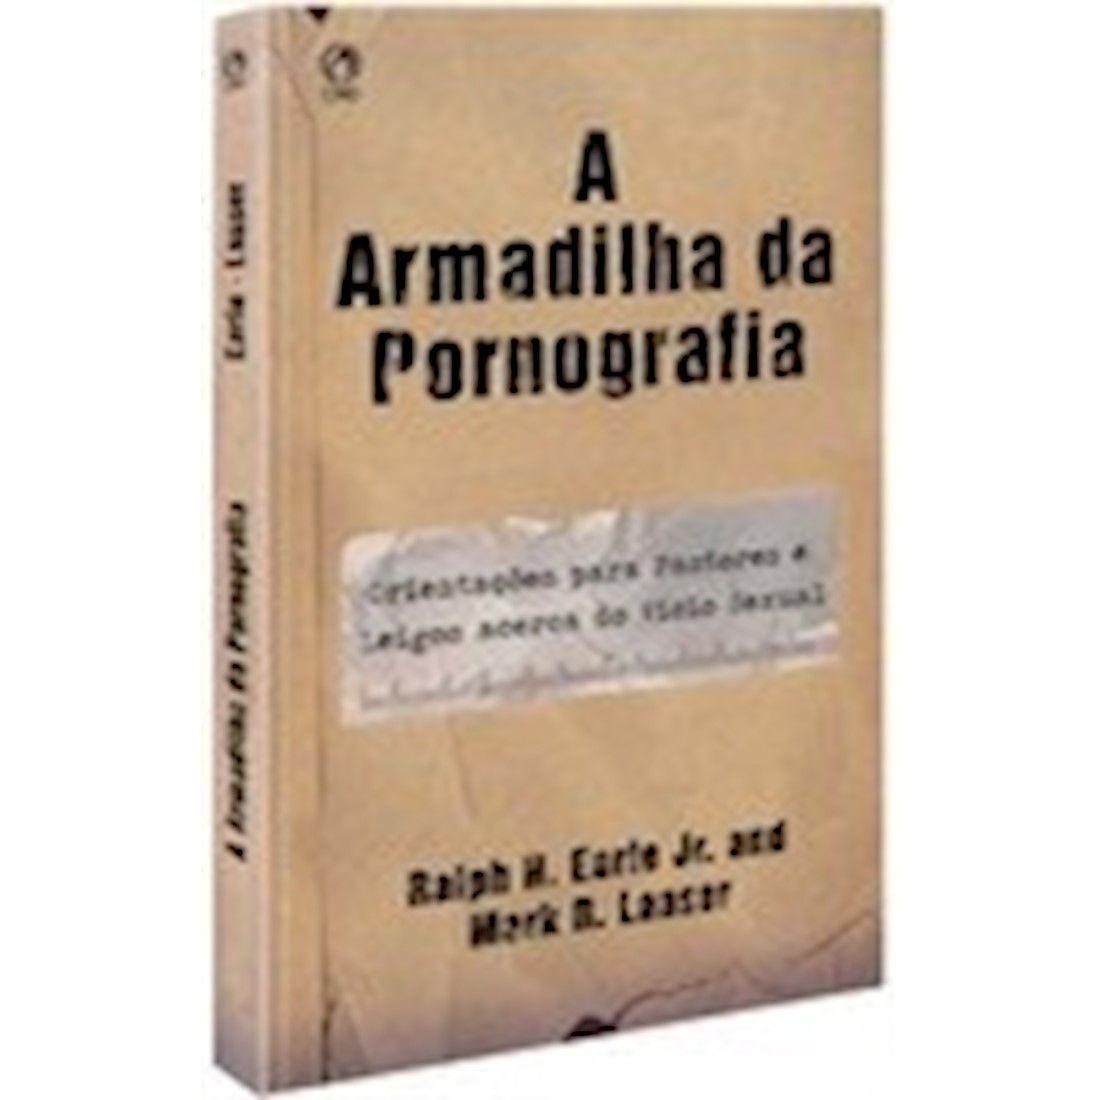 Livro A Armadilha da Pornografia